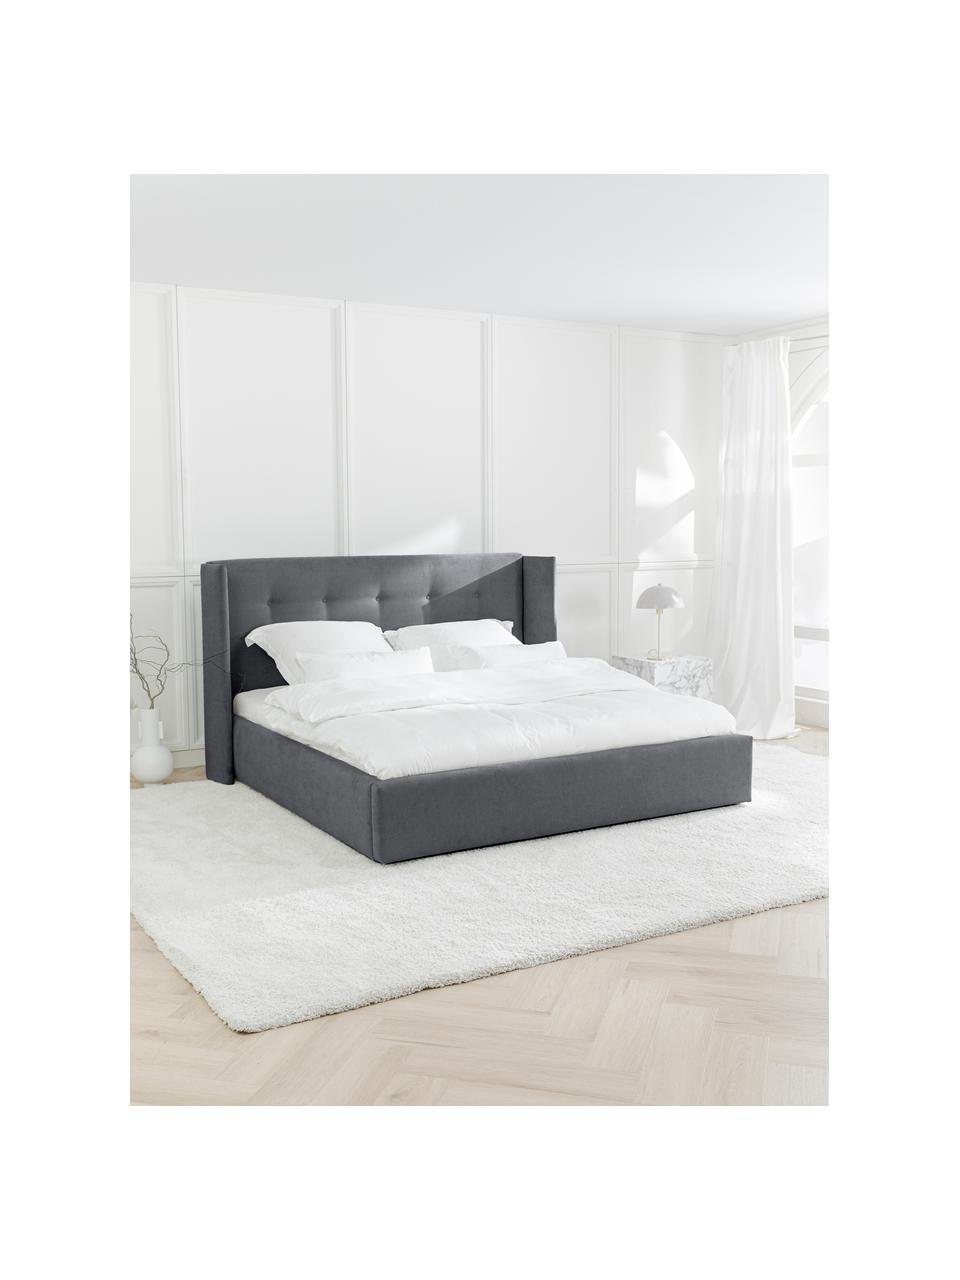 Łóżko tapicerowane z pikowanym zagłówkiem Star, Korpus: lite drewno sosnowe i pły, Tapicerka: poliester (tkanina strukt, Ciemny szary, S 180 x D 200 cm